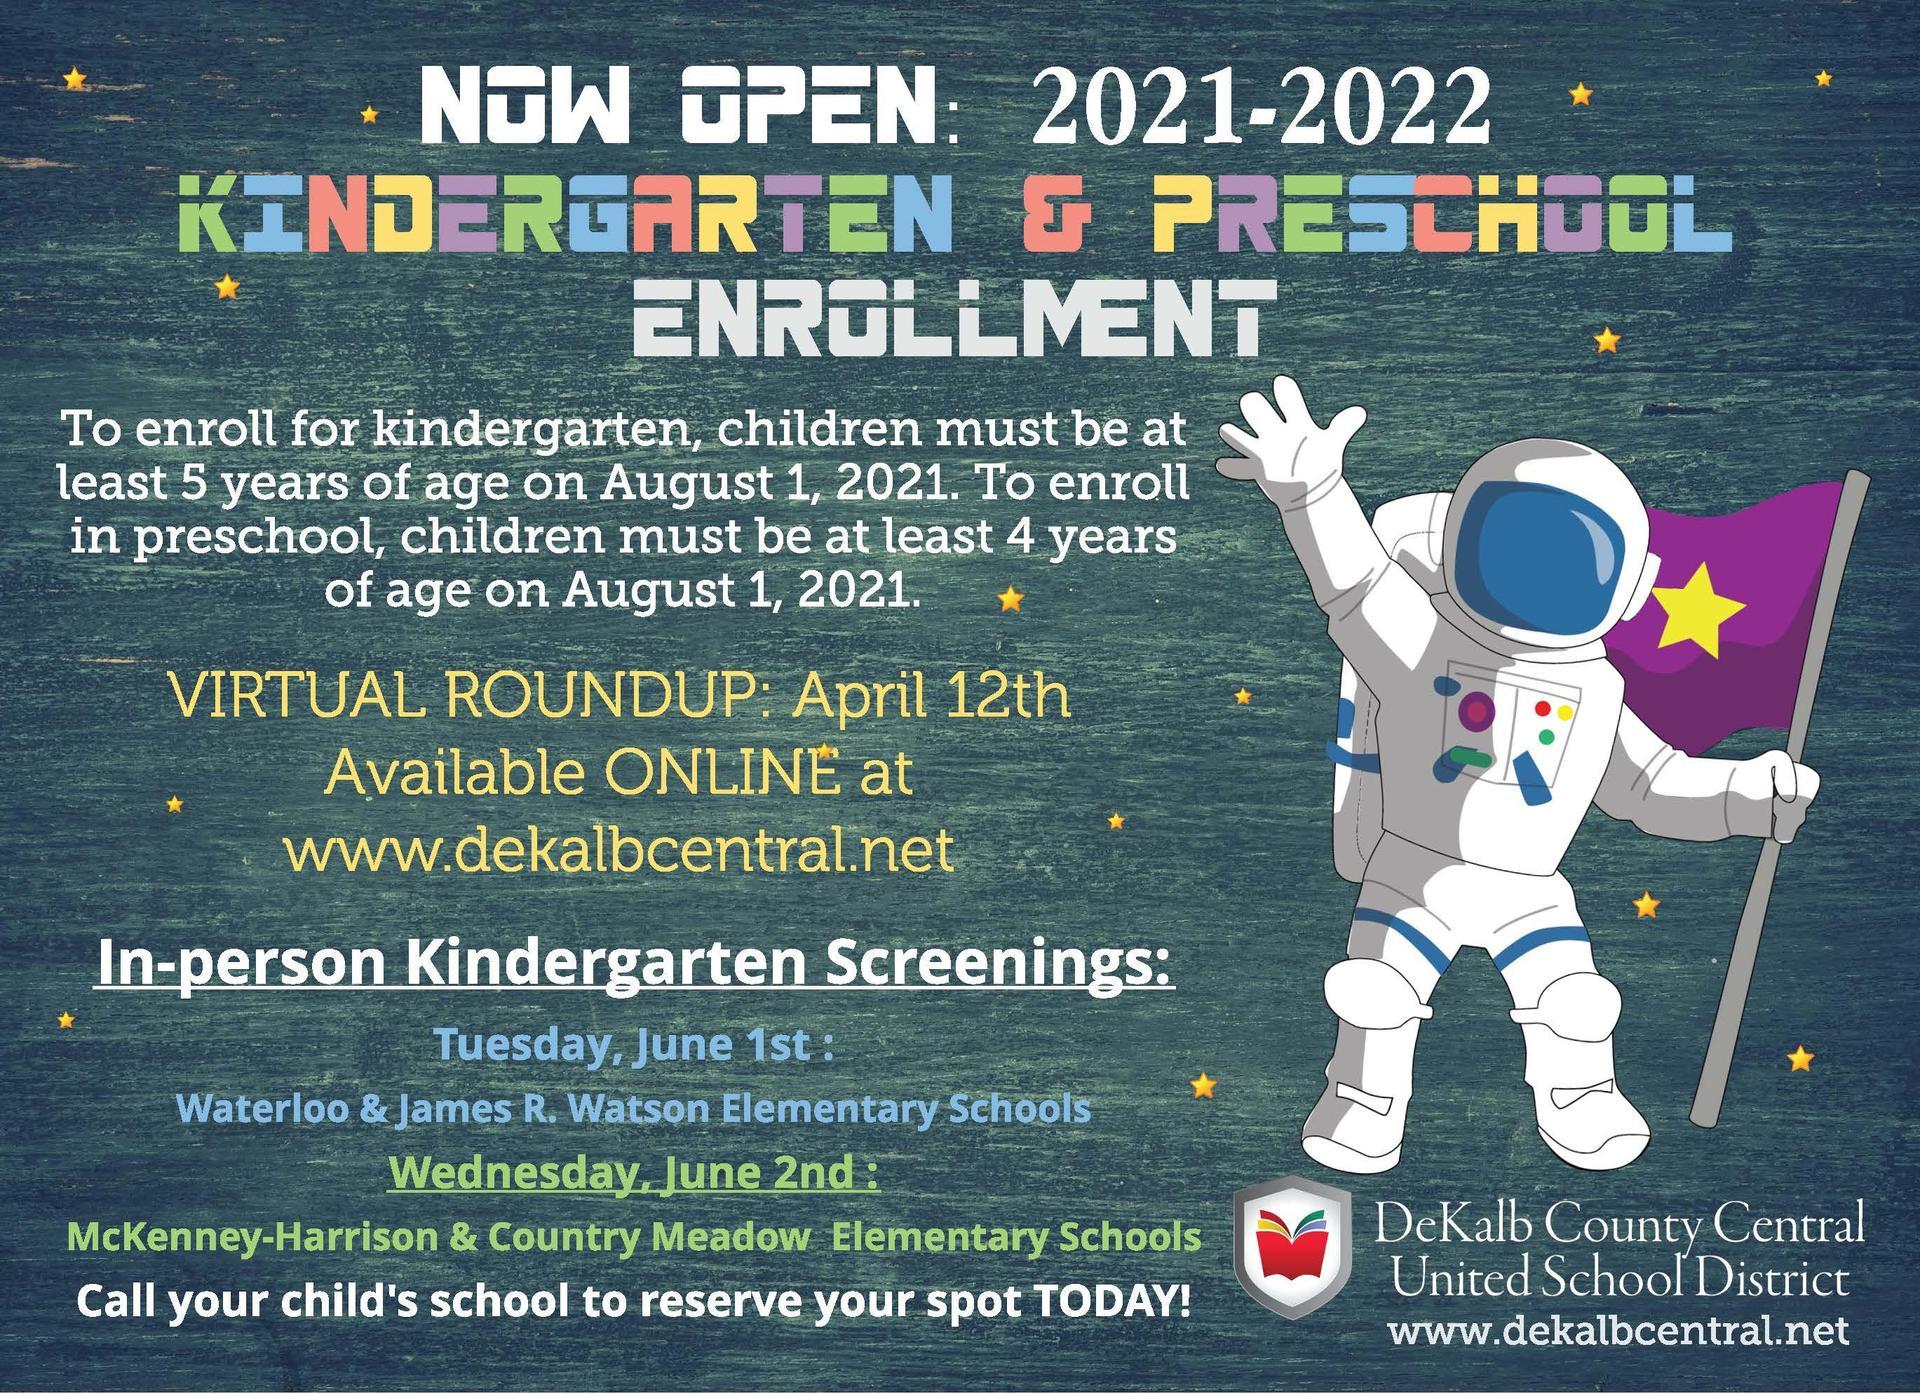 Kindergarten & Preschool Enrollment